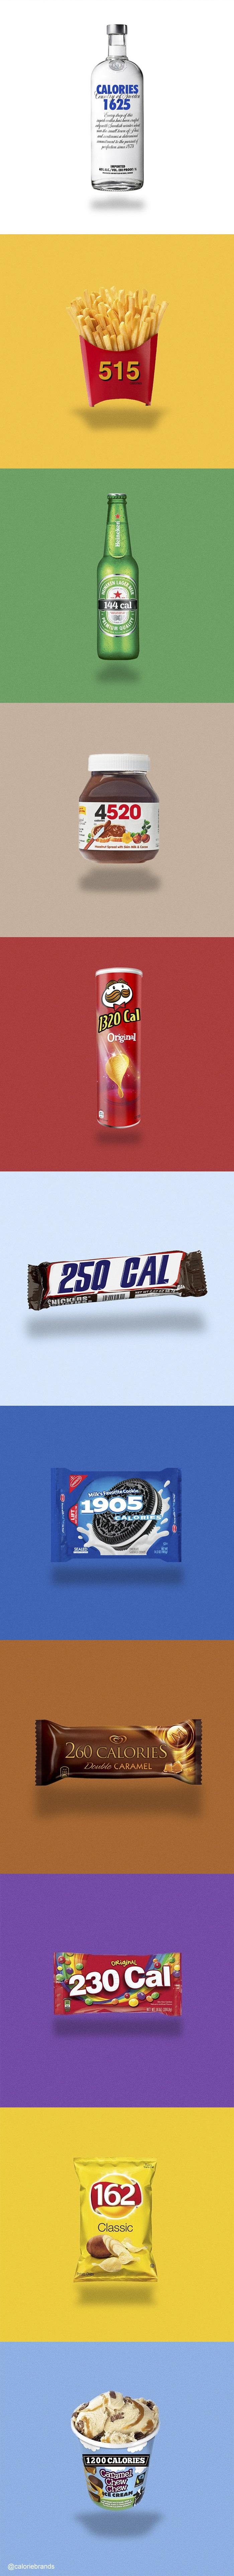 calorias incorporadas 1